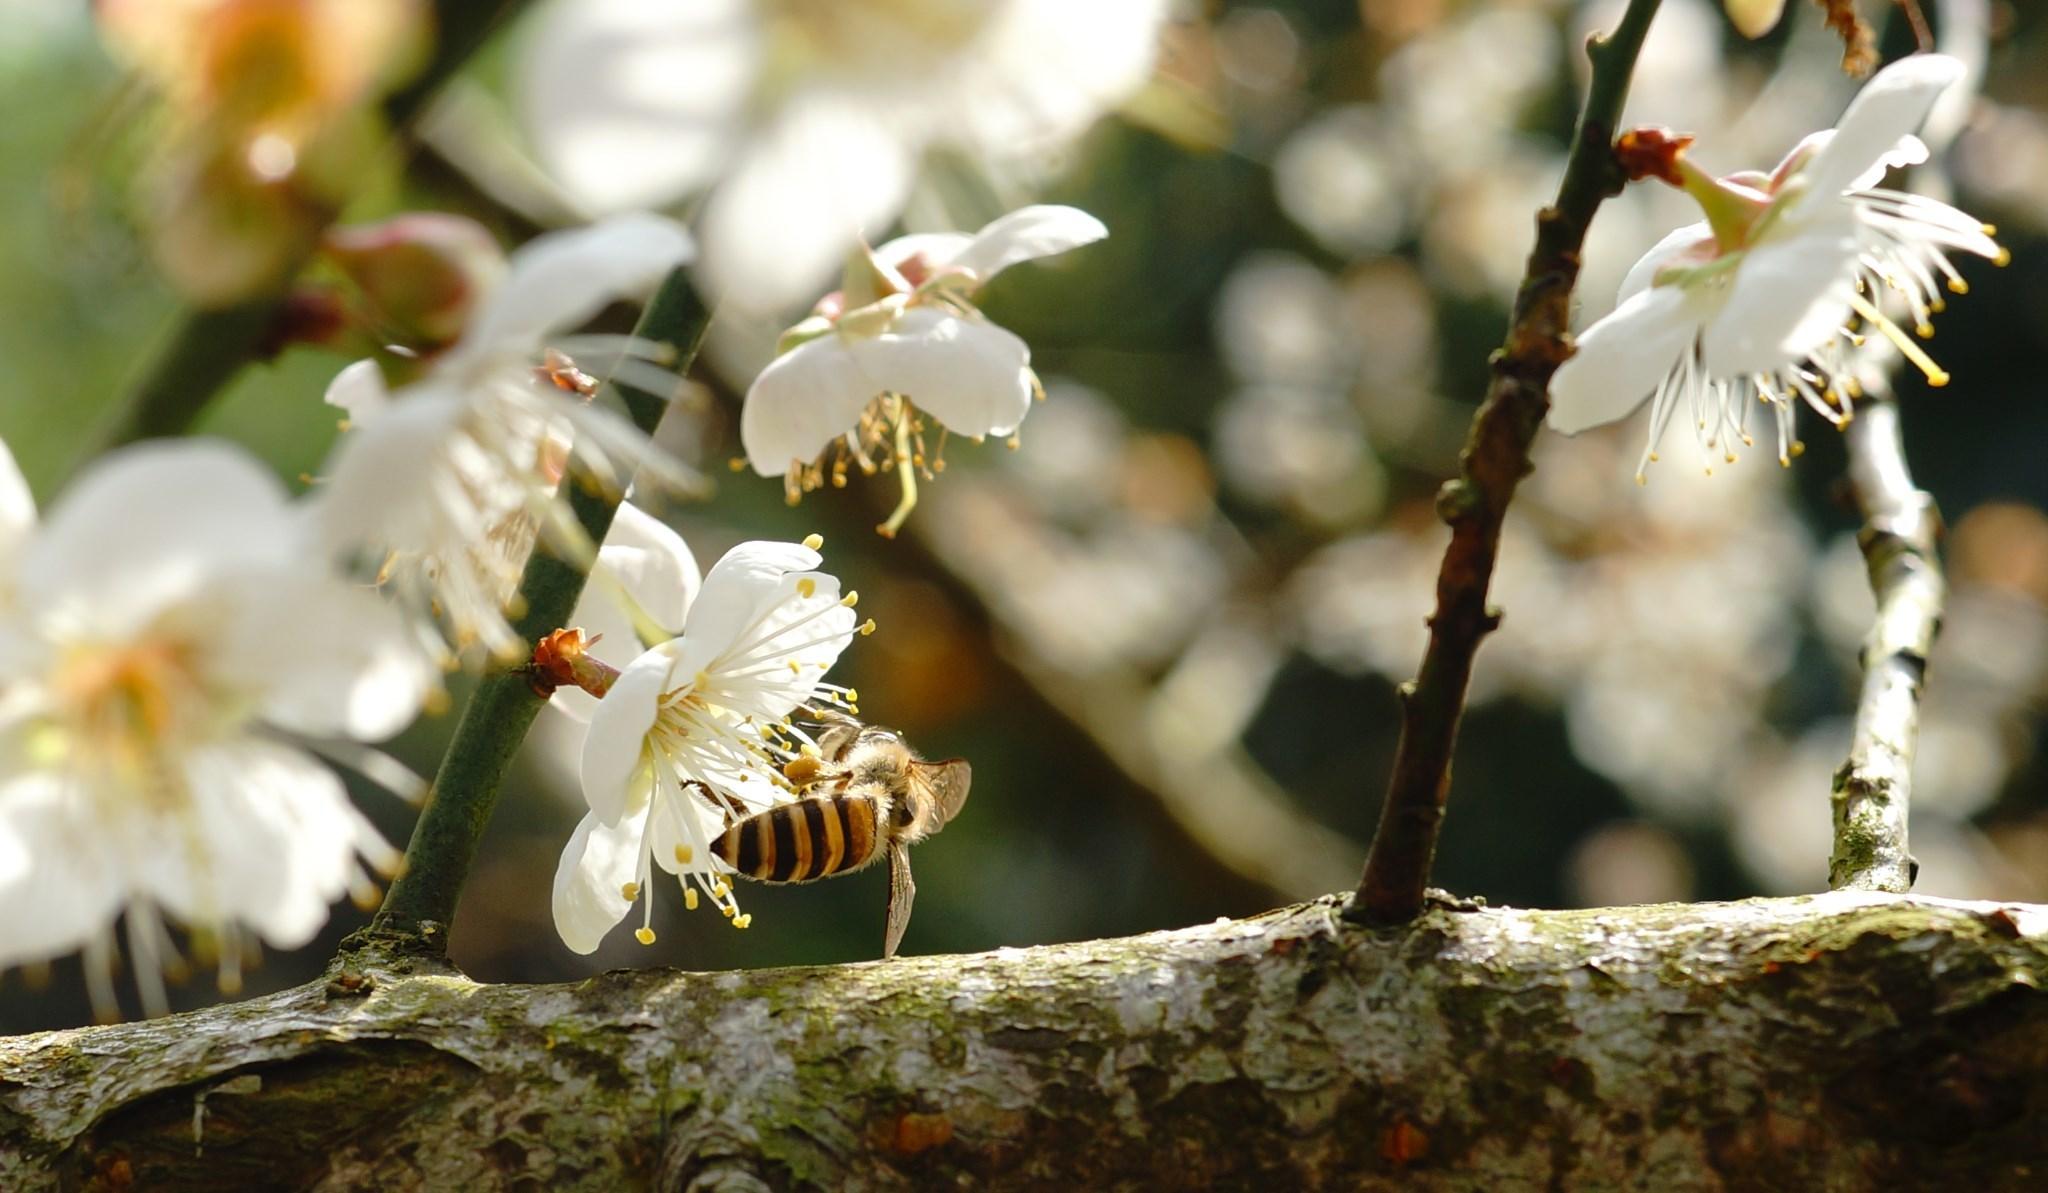 寻找着春天的脚步,大自然拨动季节的时钟,冬春之初,梅花点燃春天的